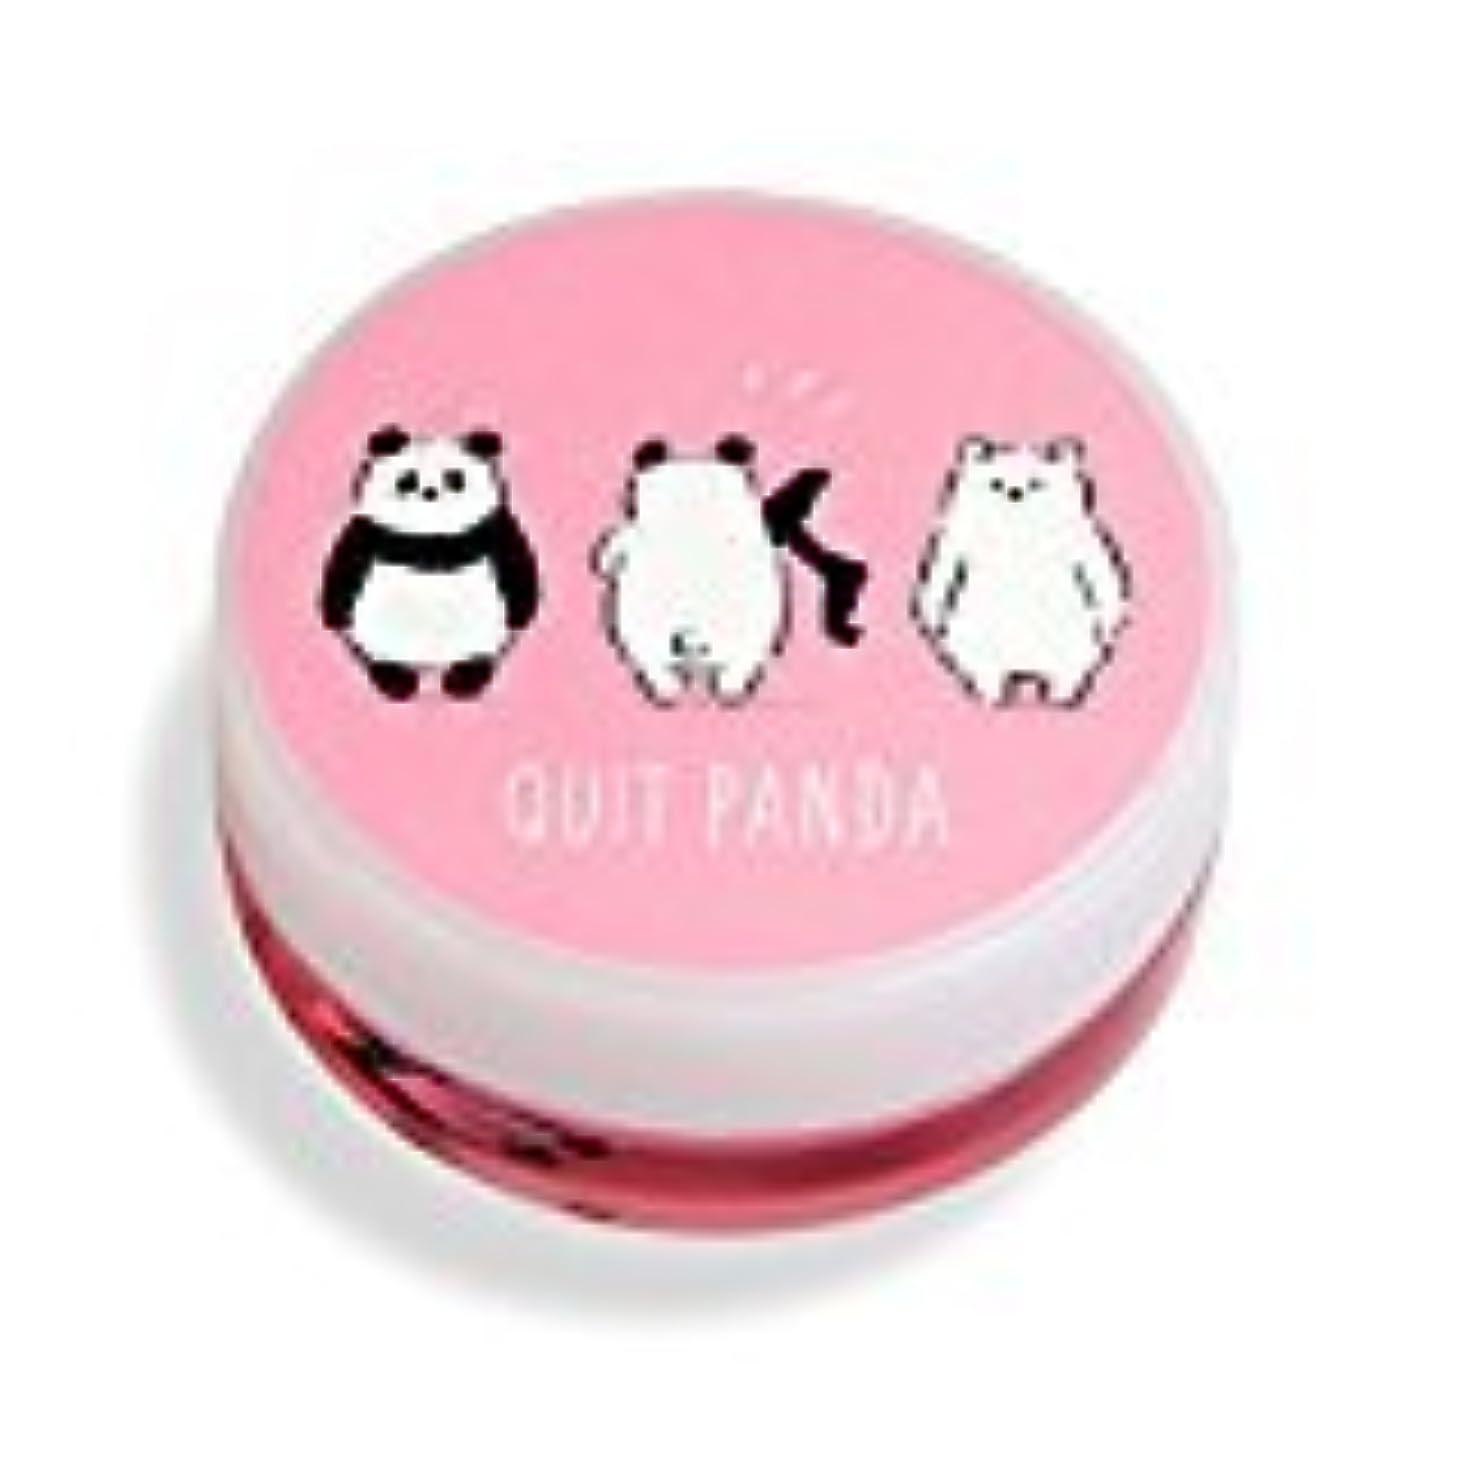 フルプルコロン KIGURU ME Panda ホワイトフローラルの香り 10g